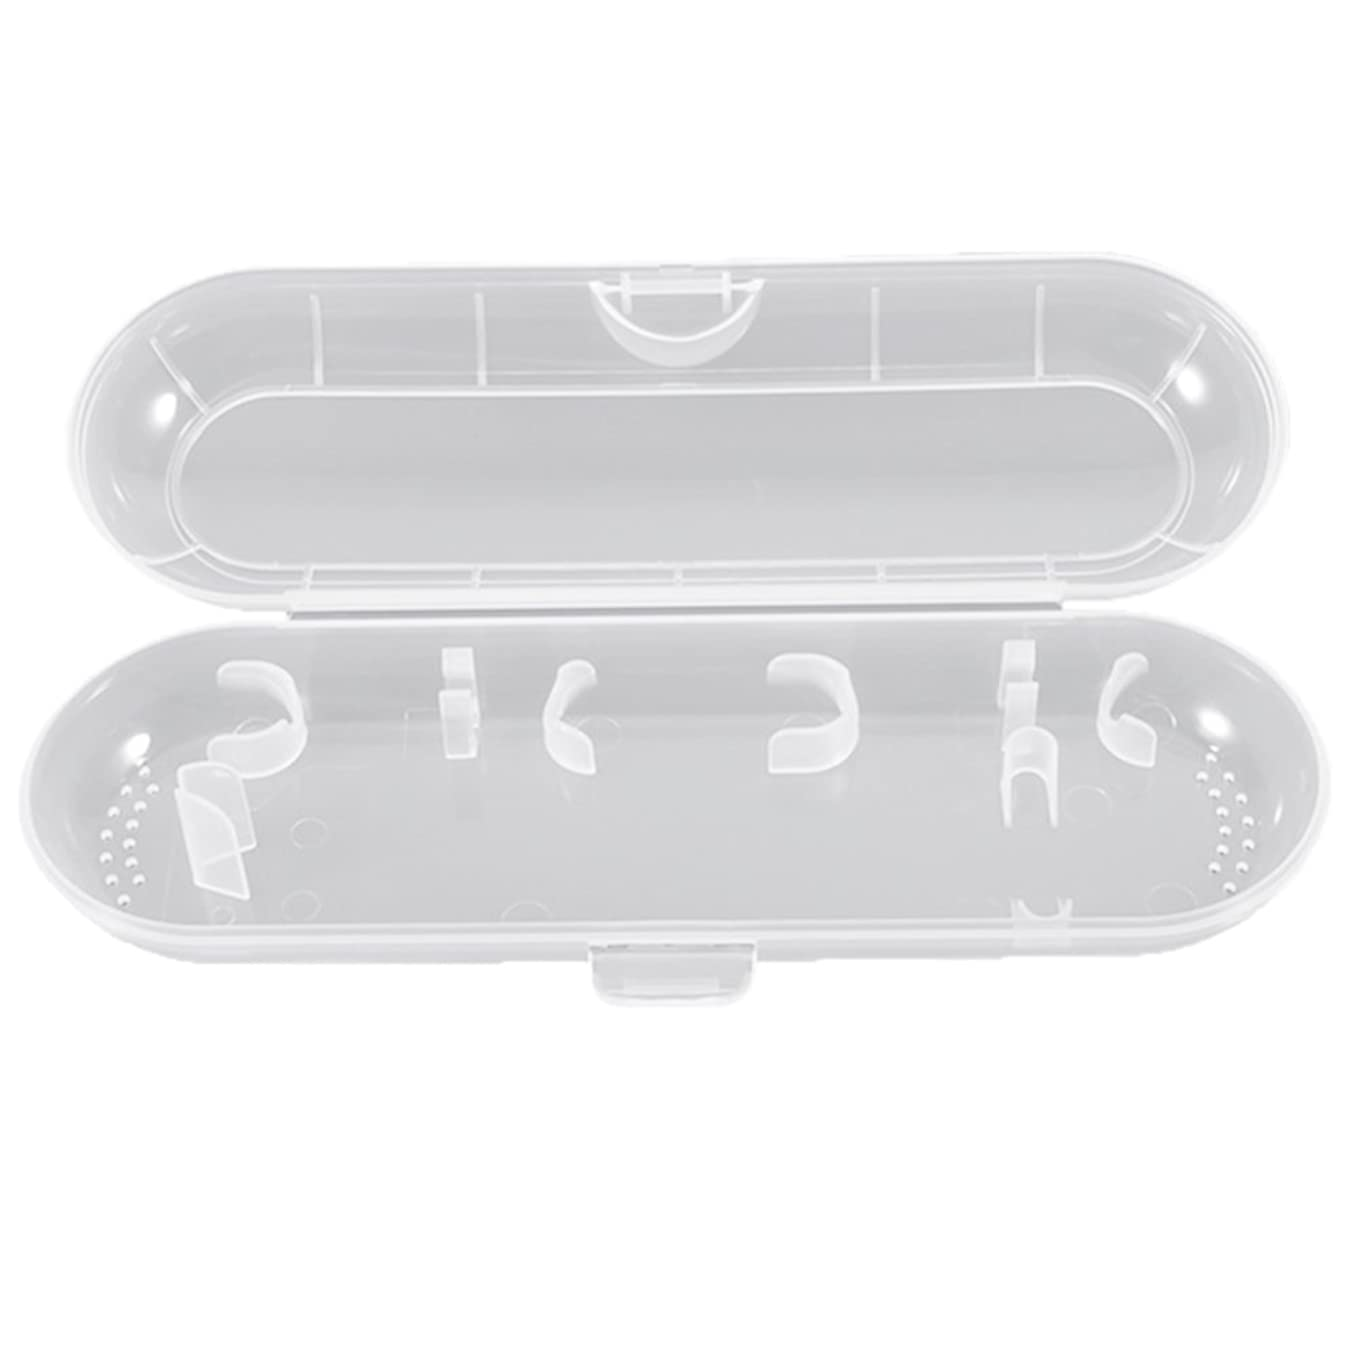 正しく凍結誓約Honel 透明 電動歯ブラシ収納ボックス プラスチック 電動歯ブラシケース 収納ケース ブラウン オーラルB対応